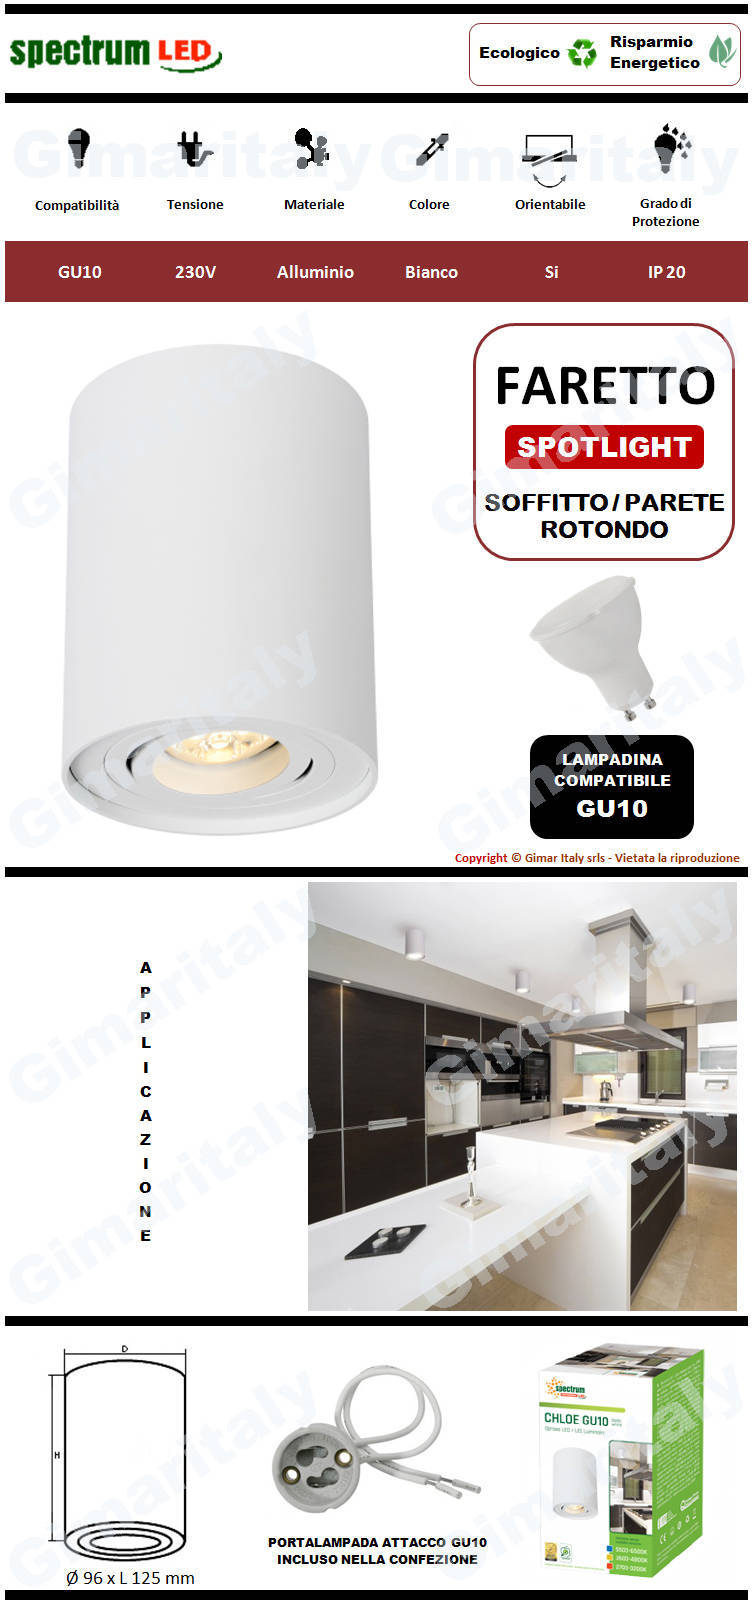 Portafaretto Orientabile Rotondo Bianco da soffitto per lampadina GU10 Spectrum